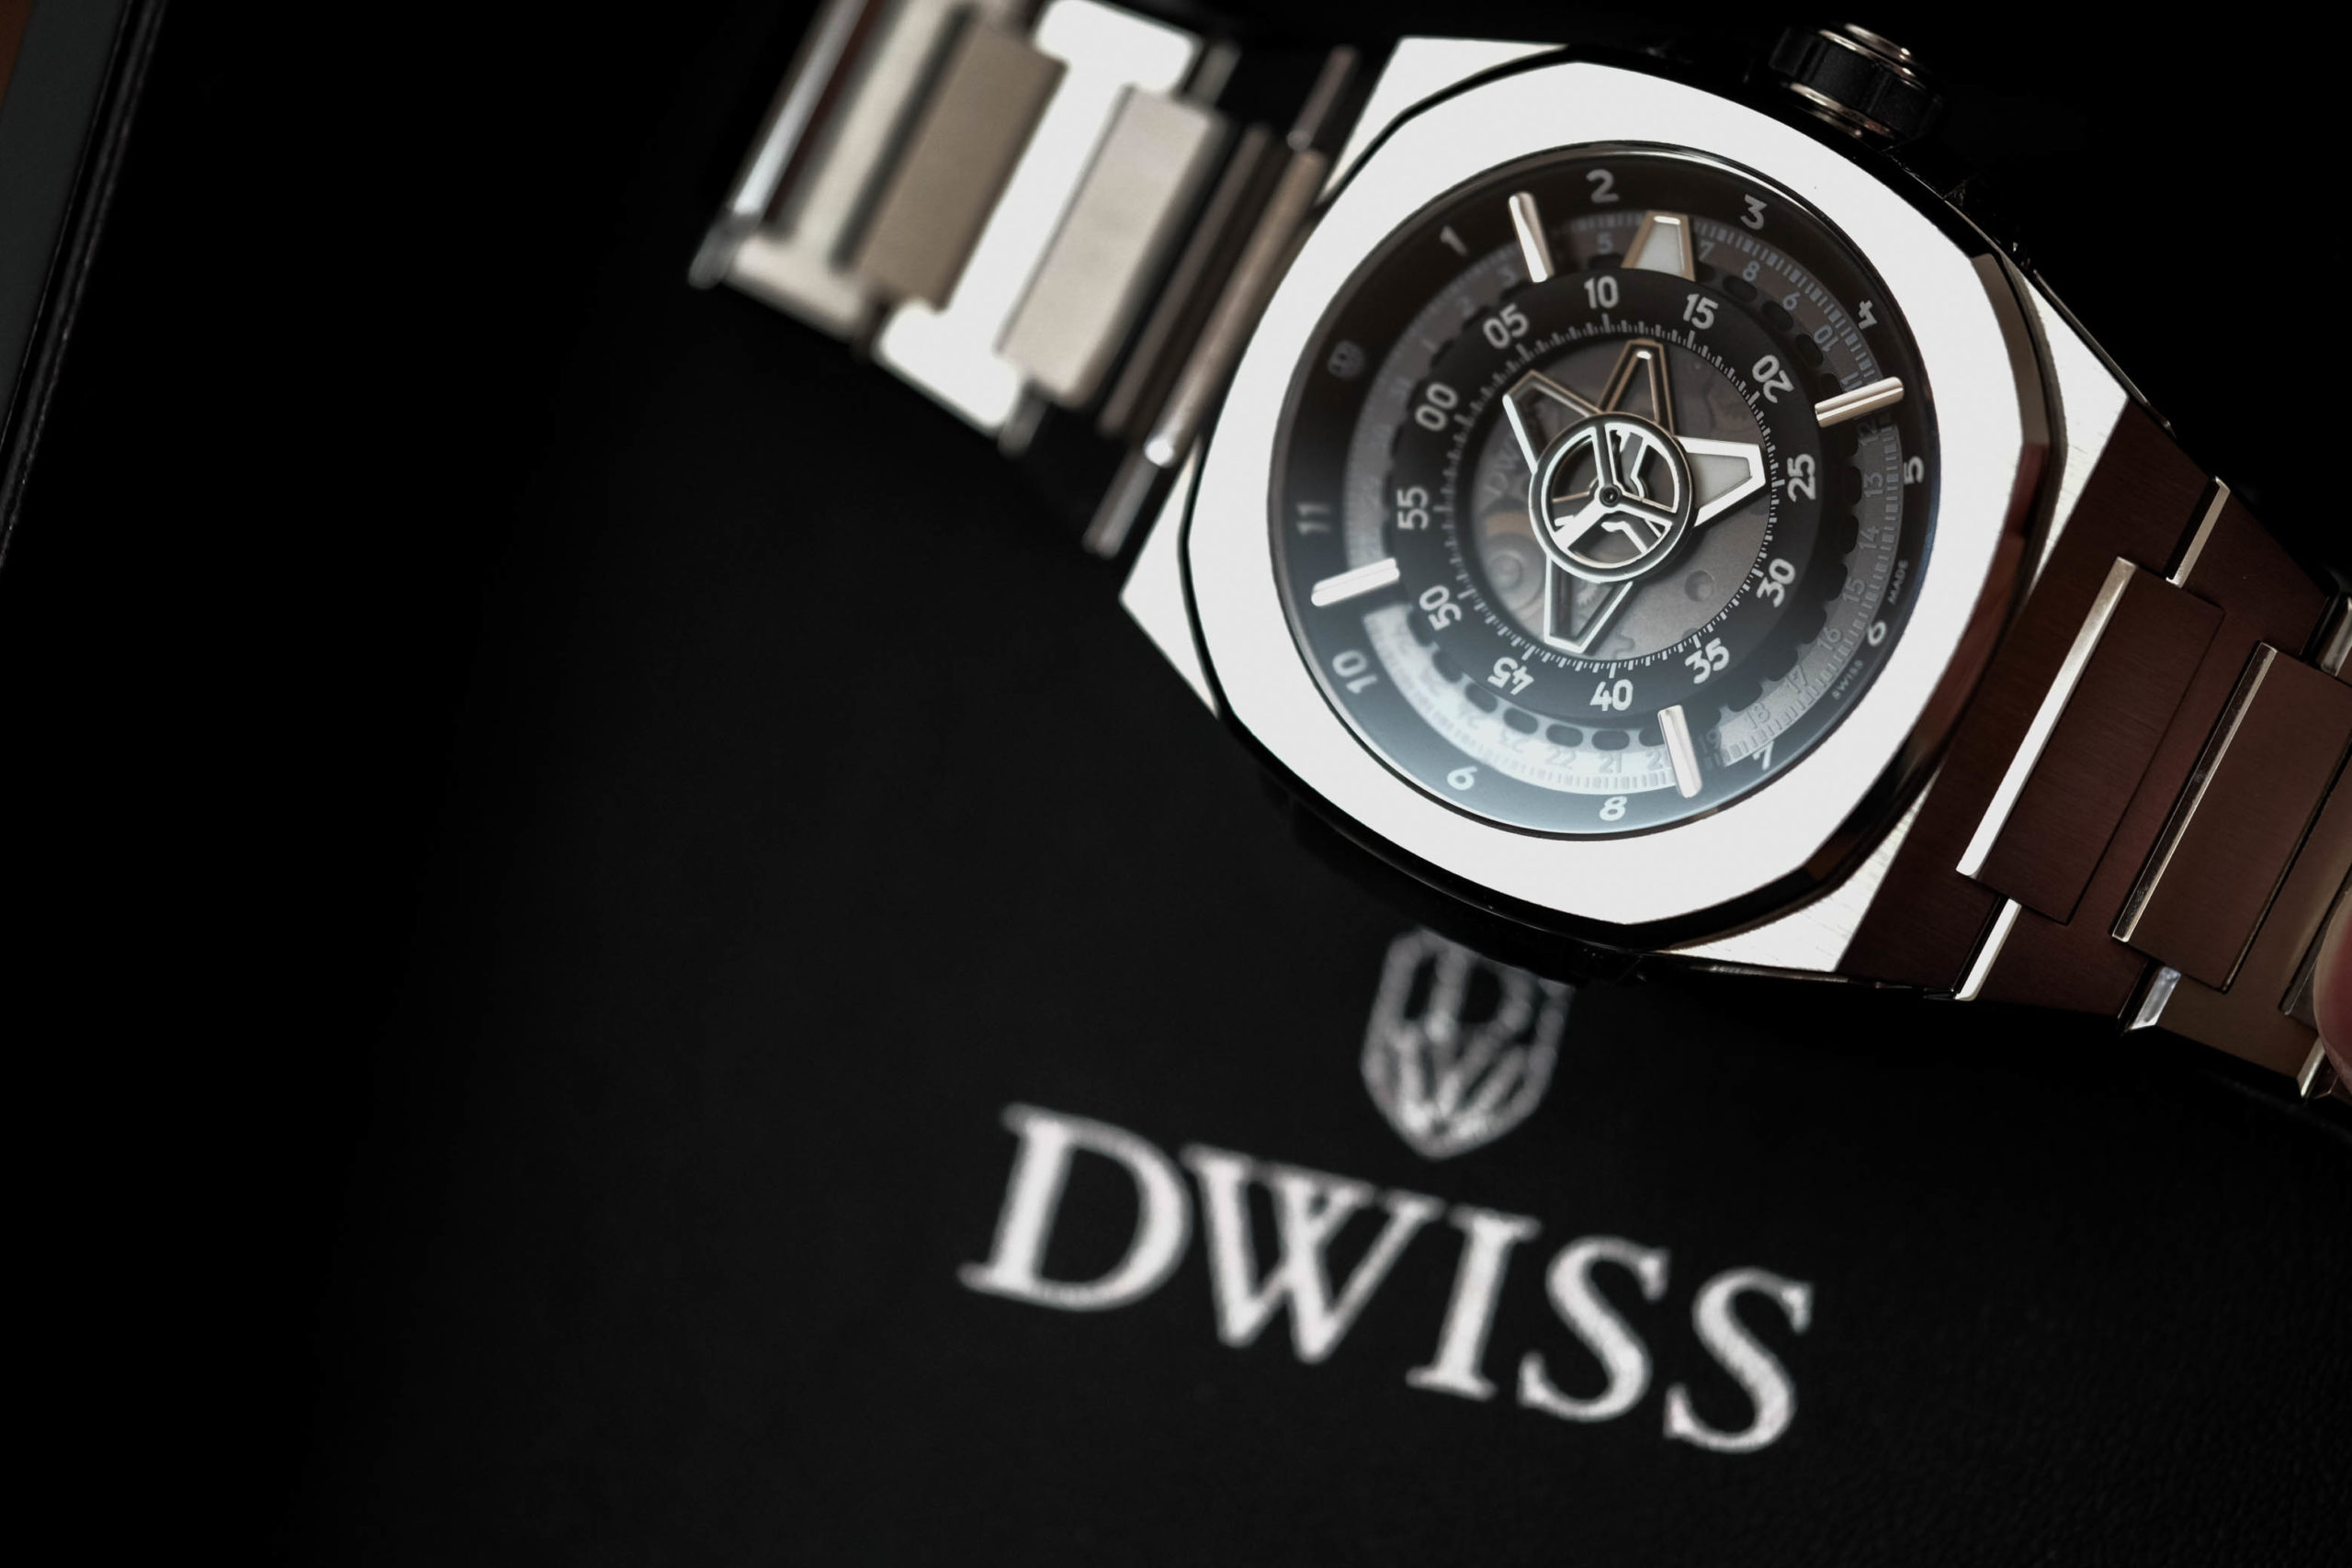 Логотип DWISS с часами